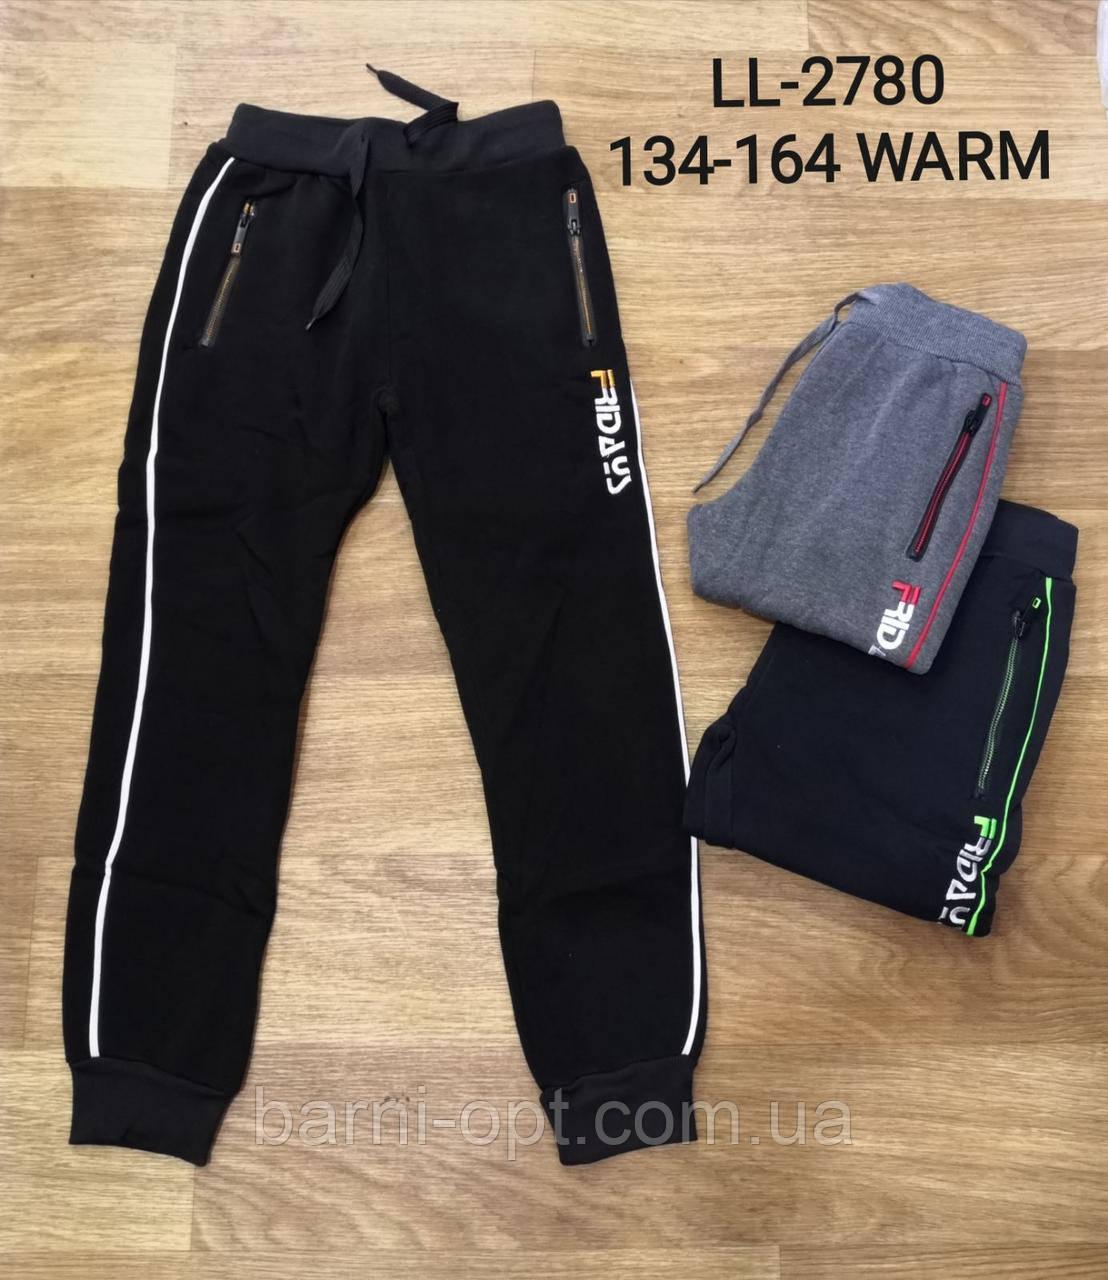 Спортивні штани утеплені на хлопчика оптом, Sincere , 134-164 рр